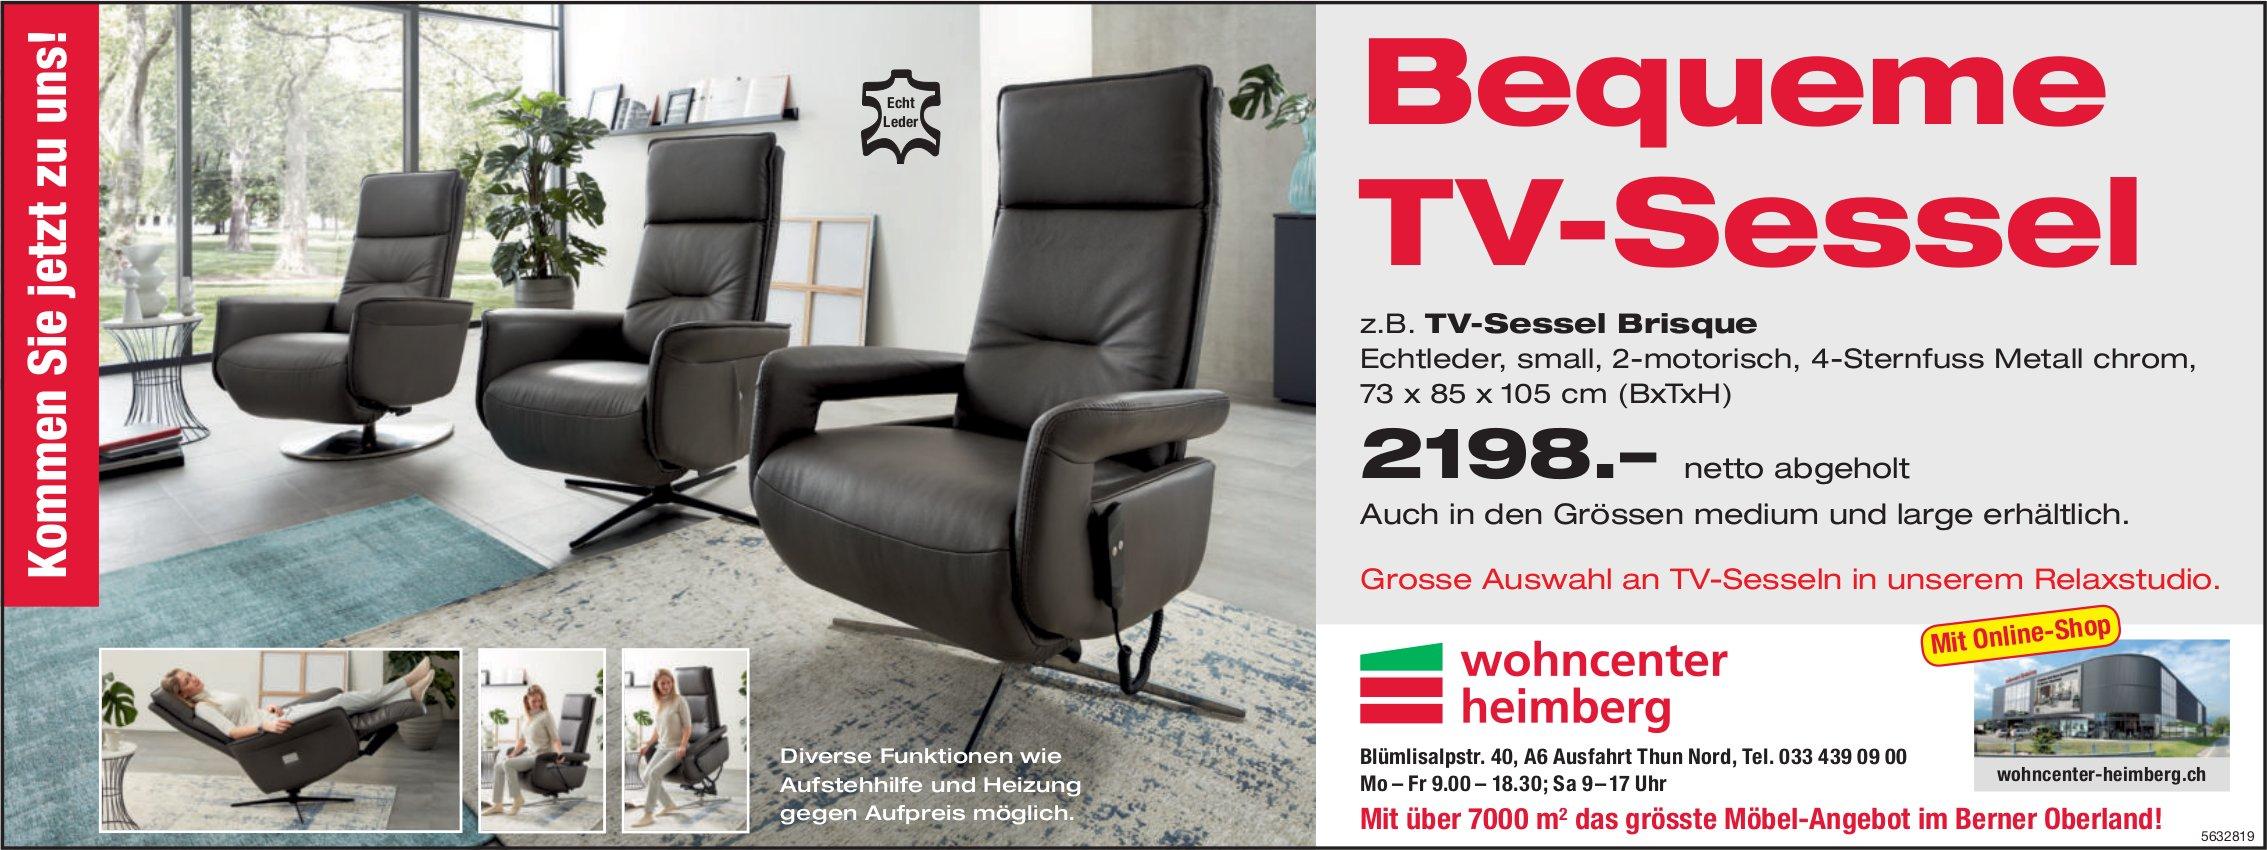 Wohncenter Heimberg - Bequeme TV-Sessel